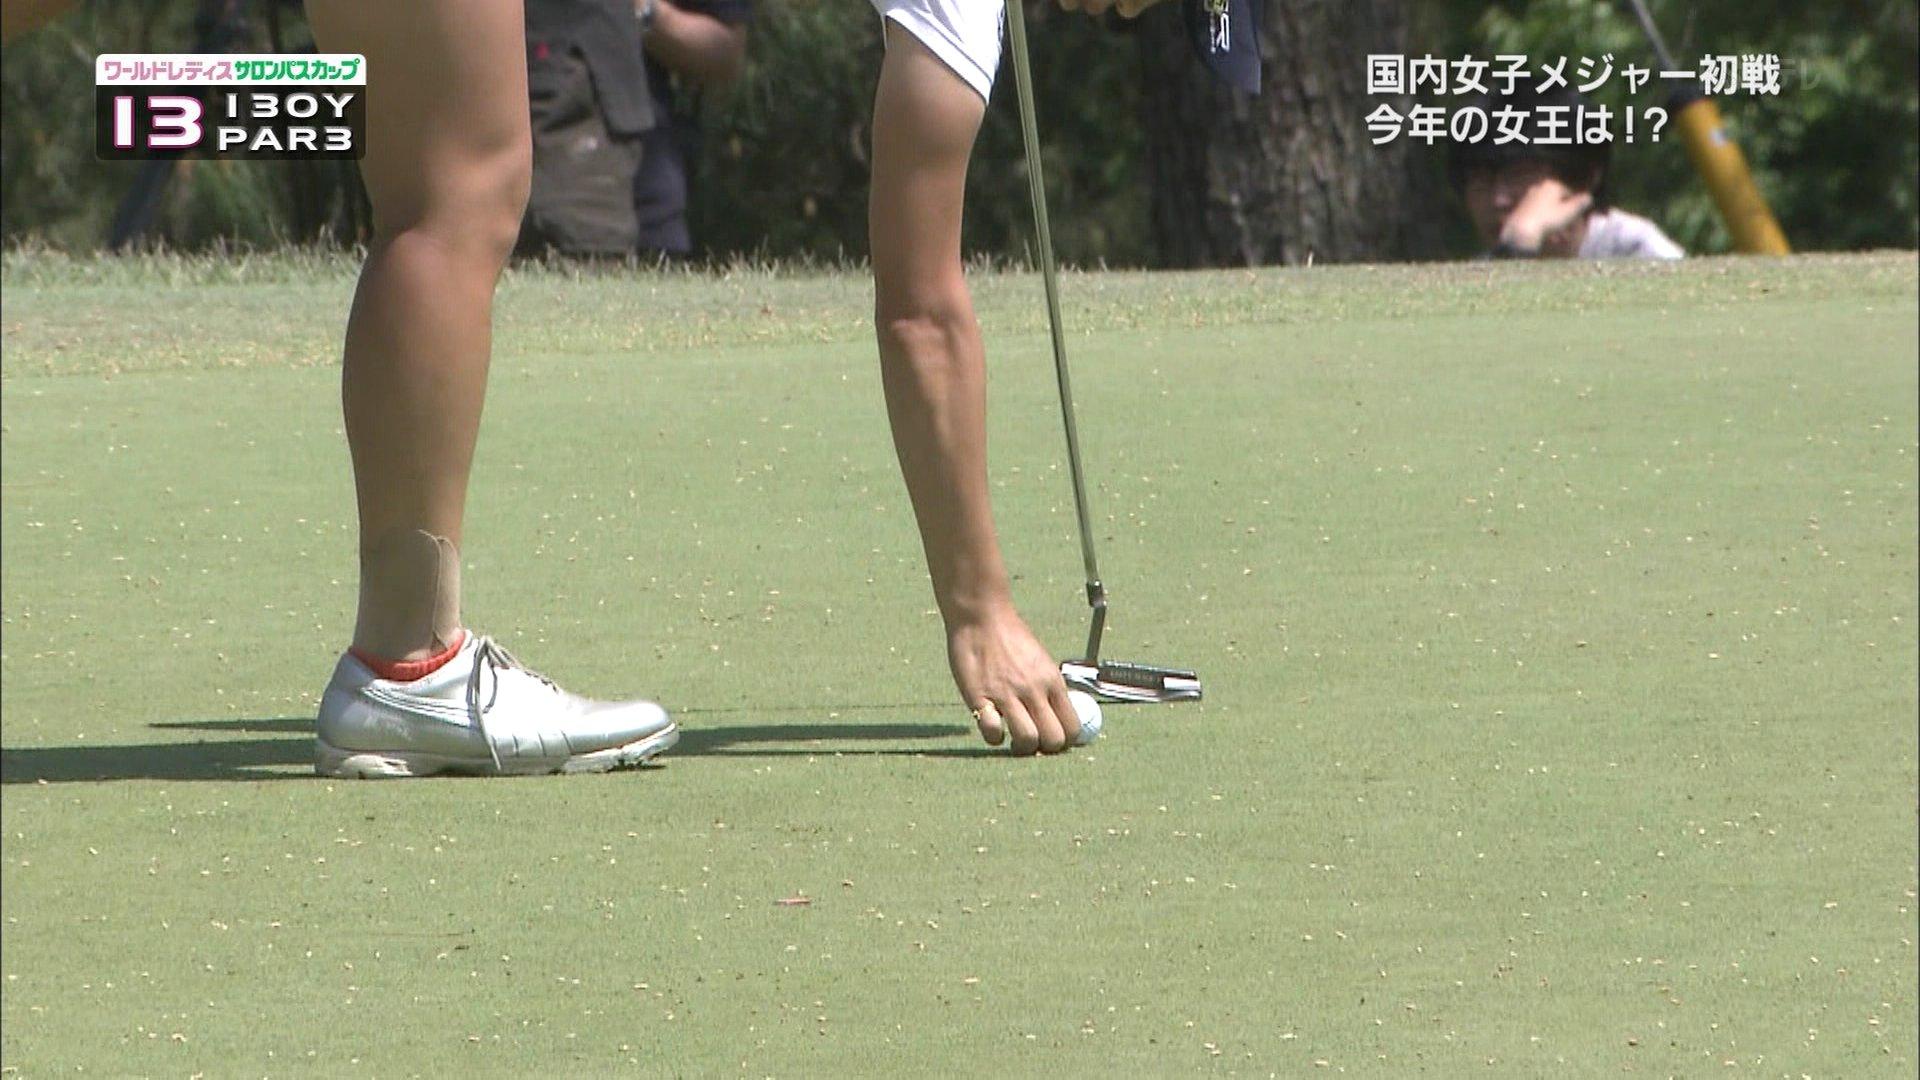 上田桃子 ワールドレディース サロンパスカップ 0010